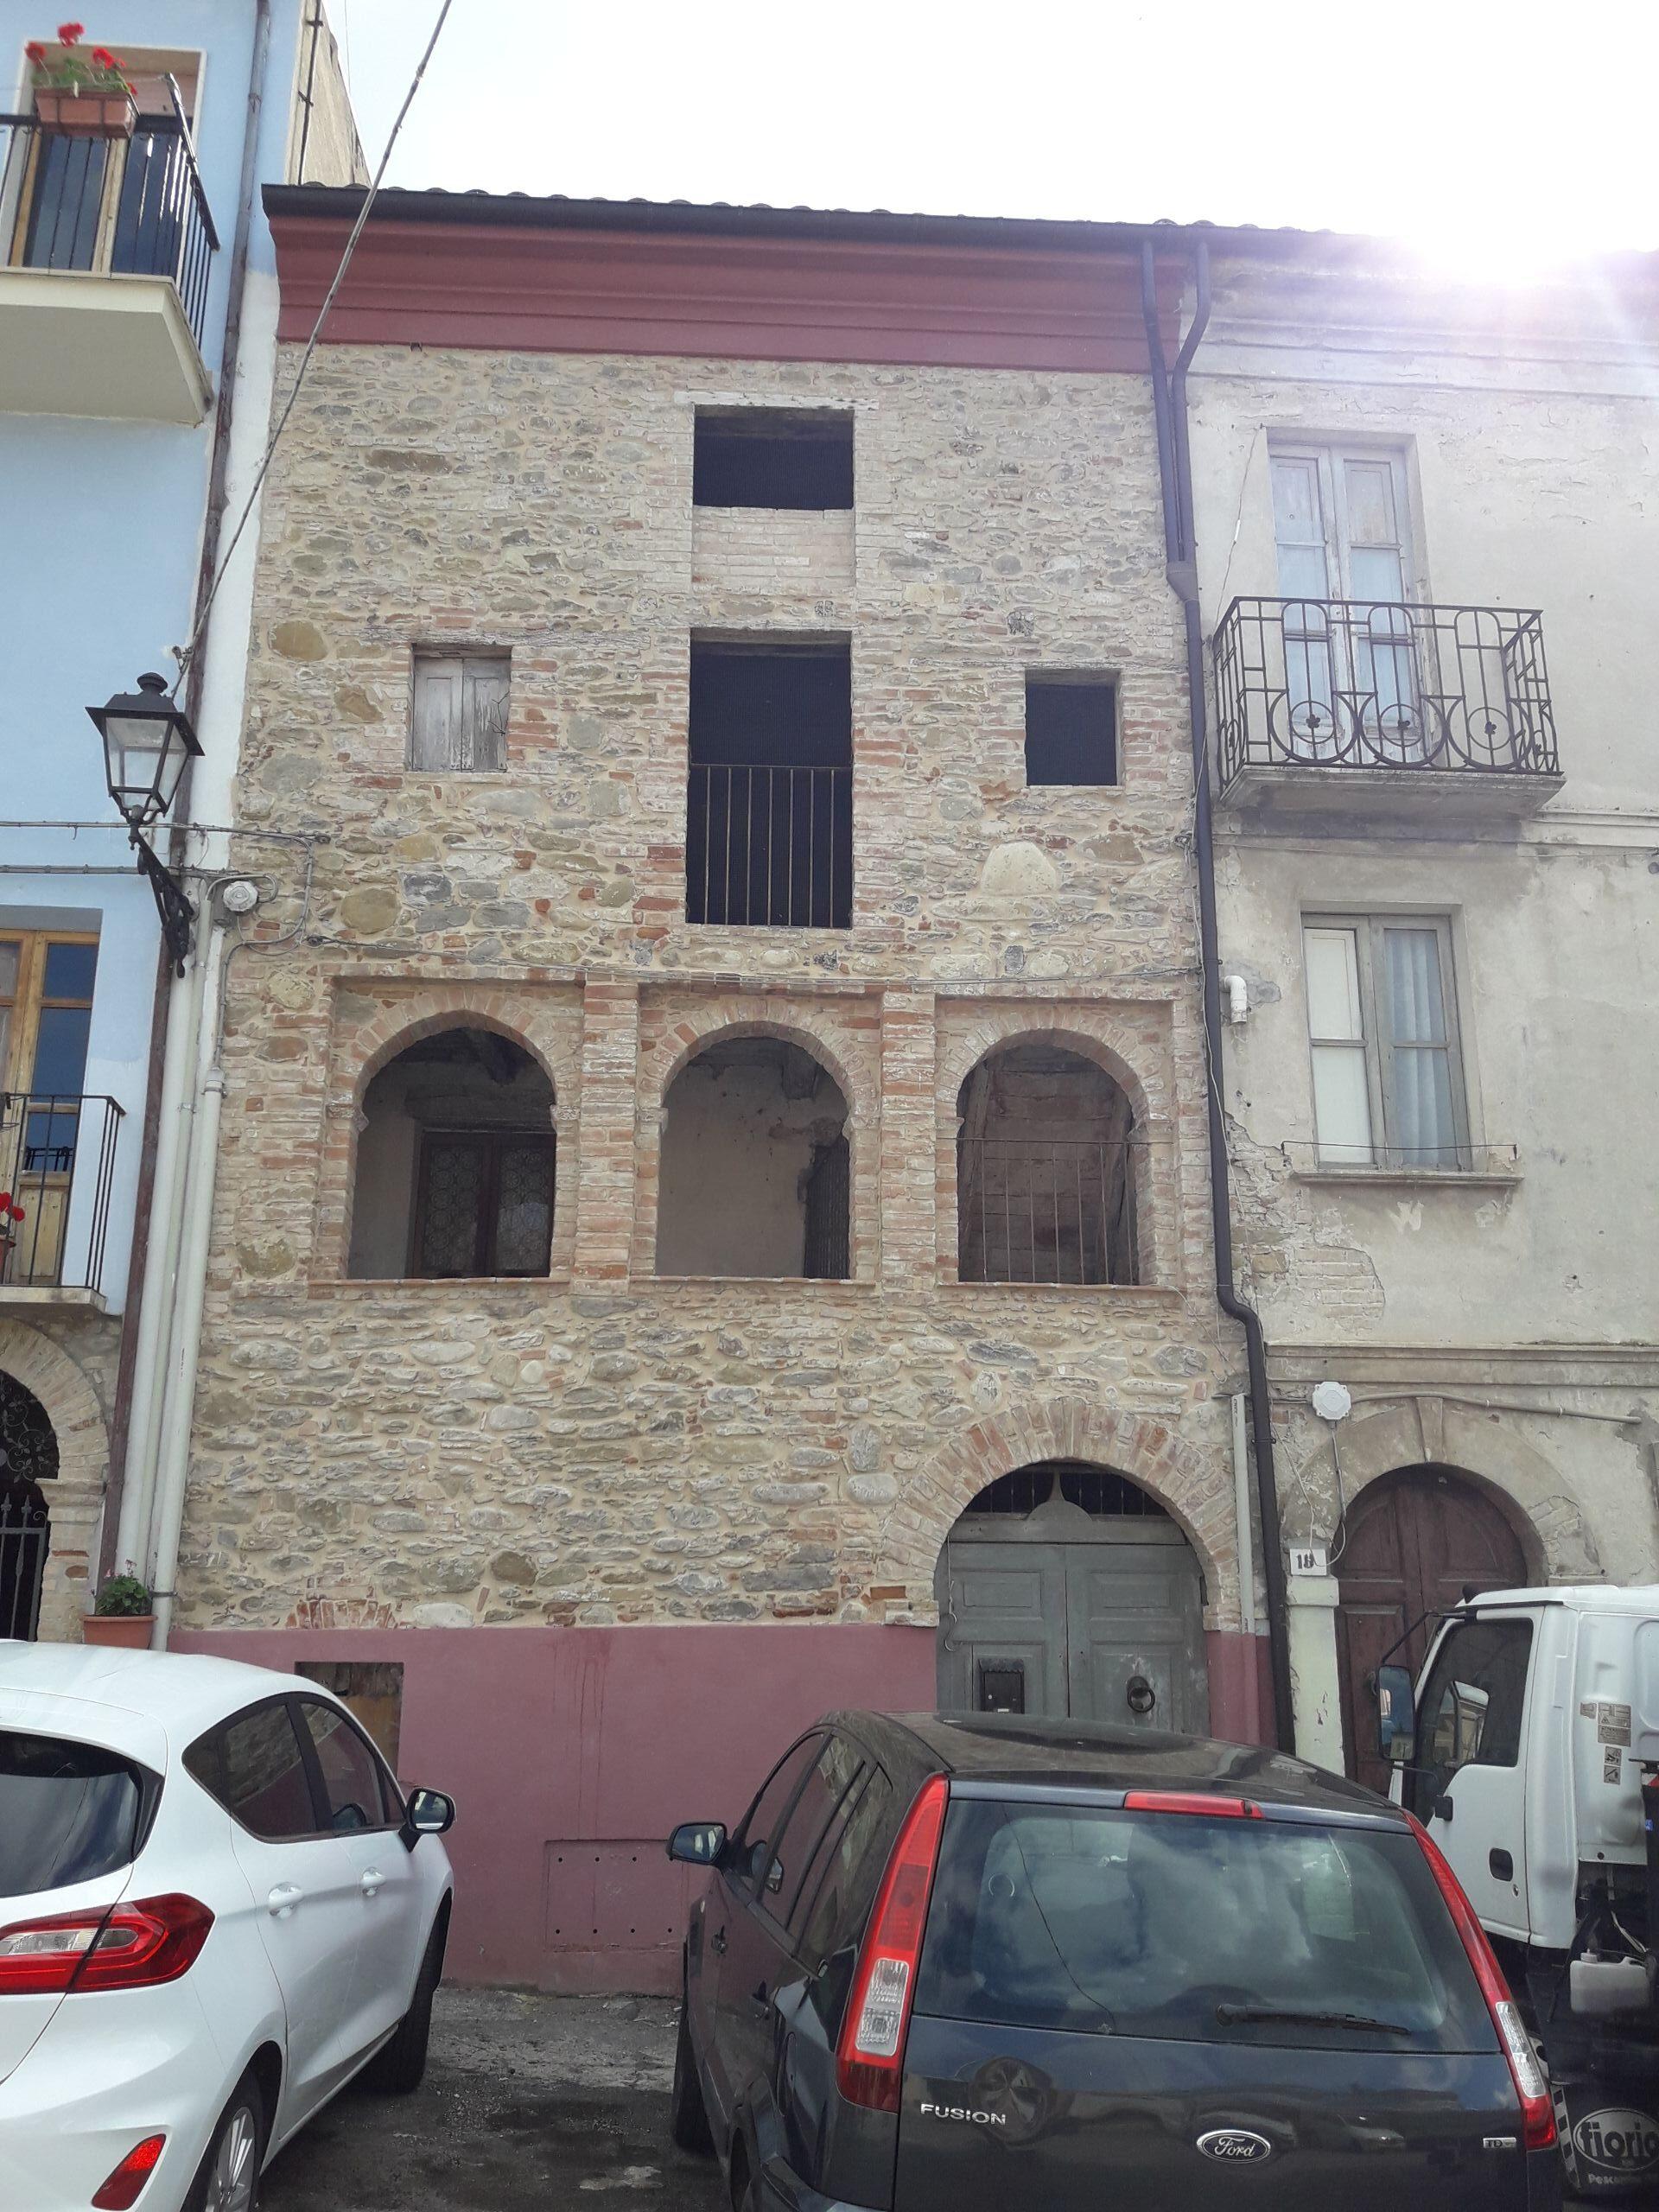 Palazzetto in piccolo borgo storico - Monti della Laga